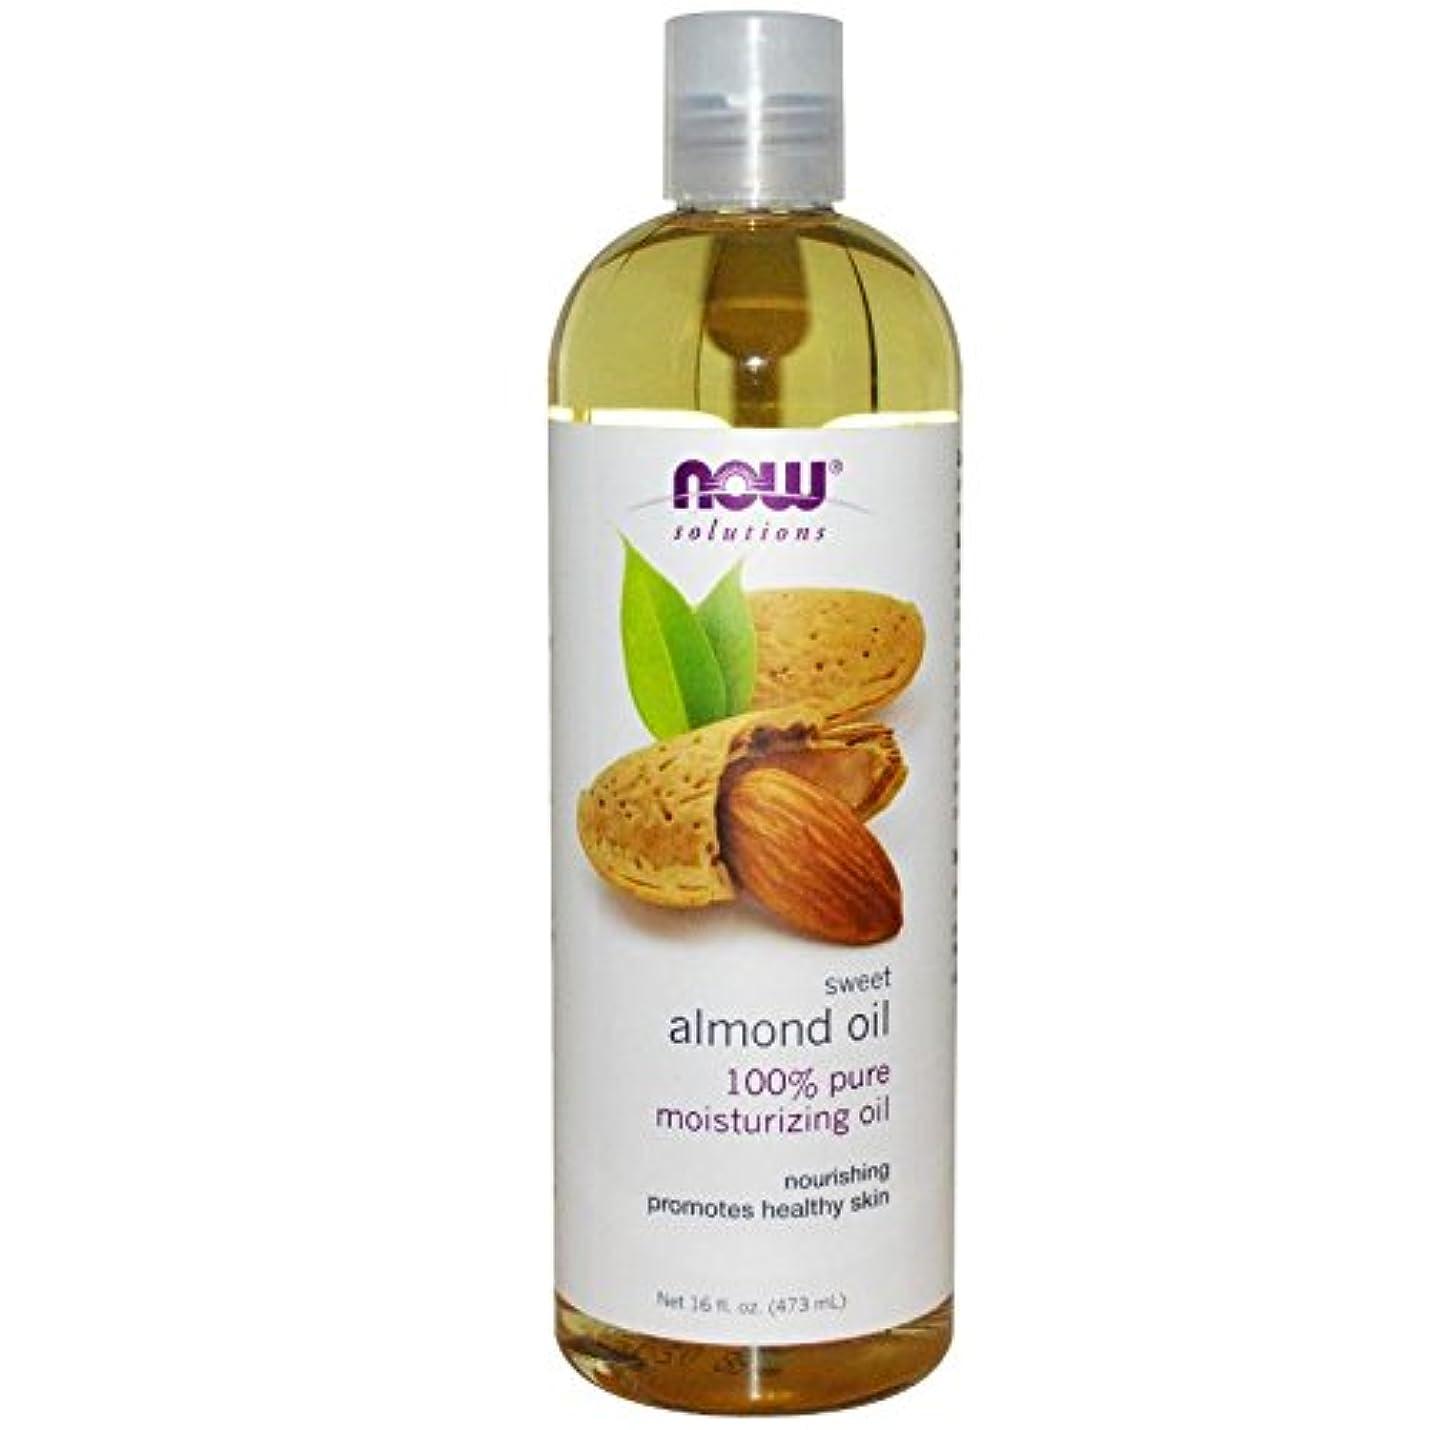 解明こする補足【国内発送】 Now Solutions Sweet Almond Oil 16 oz. (473ml) [並行輸入品]